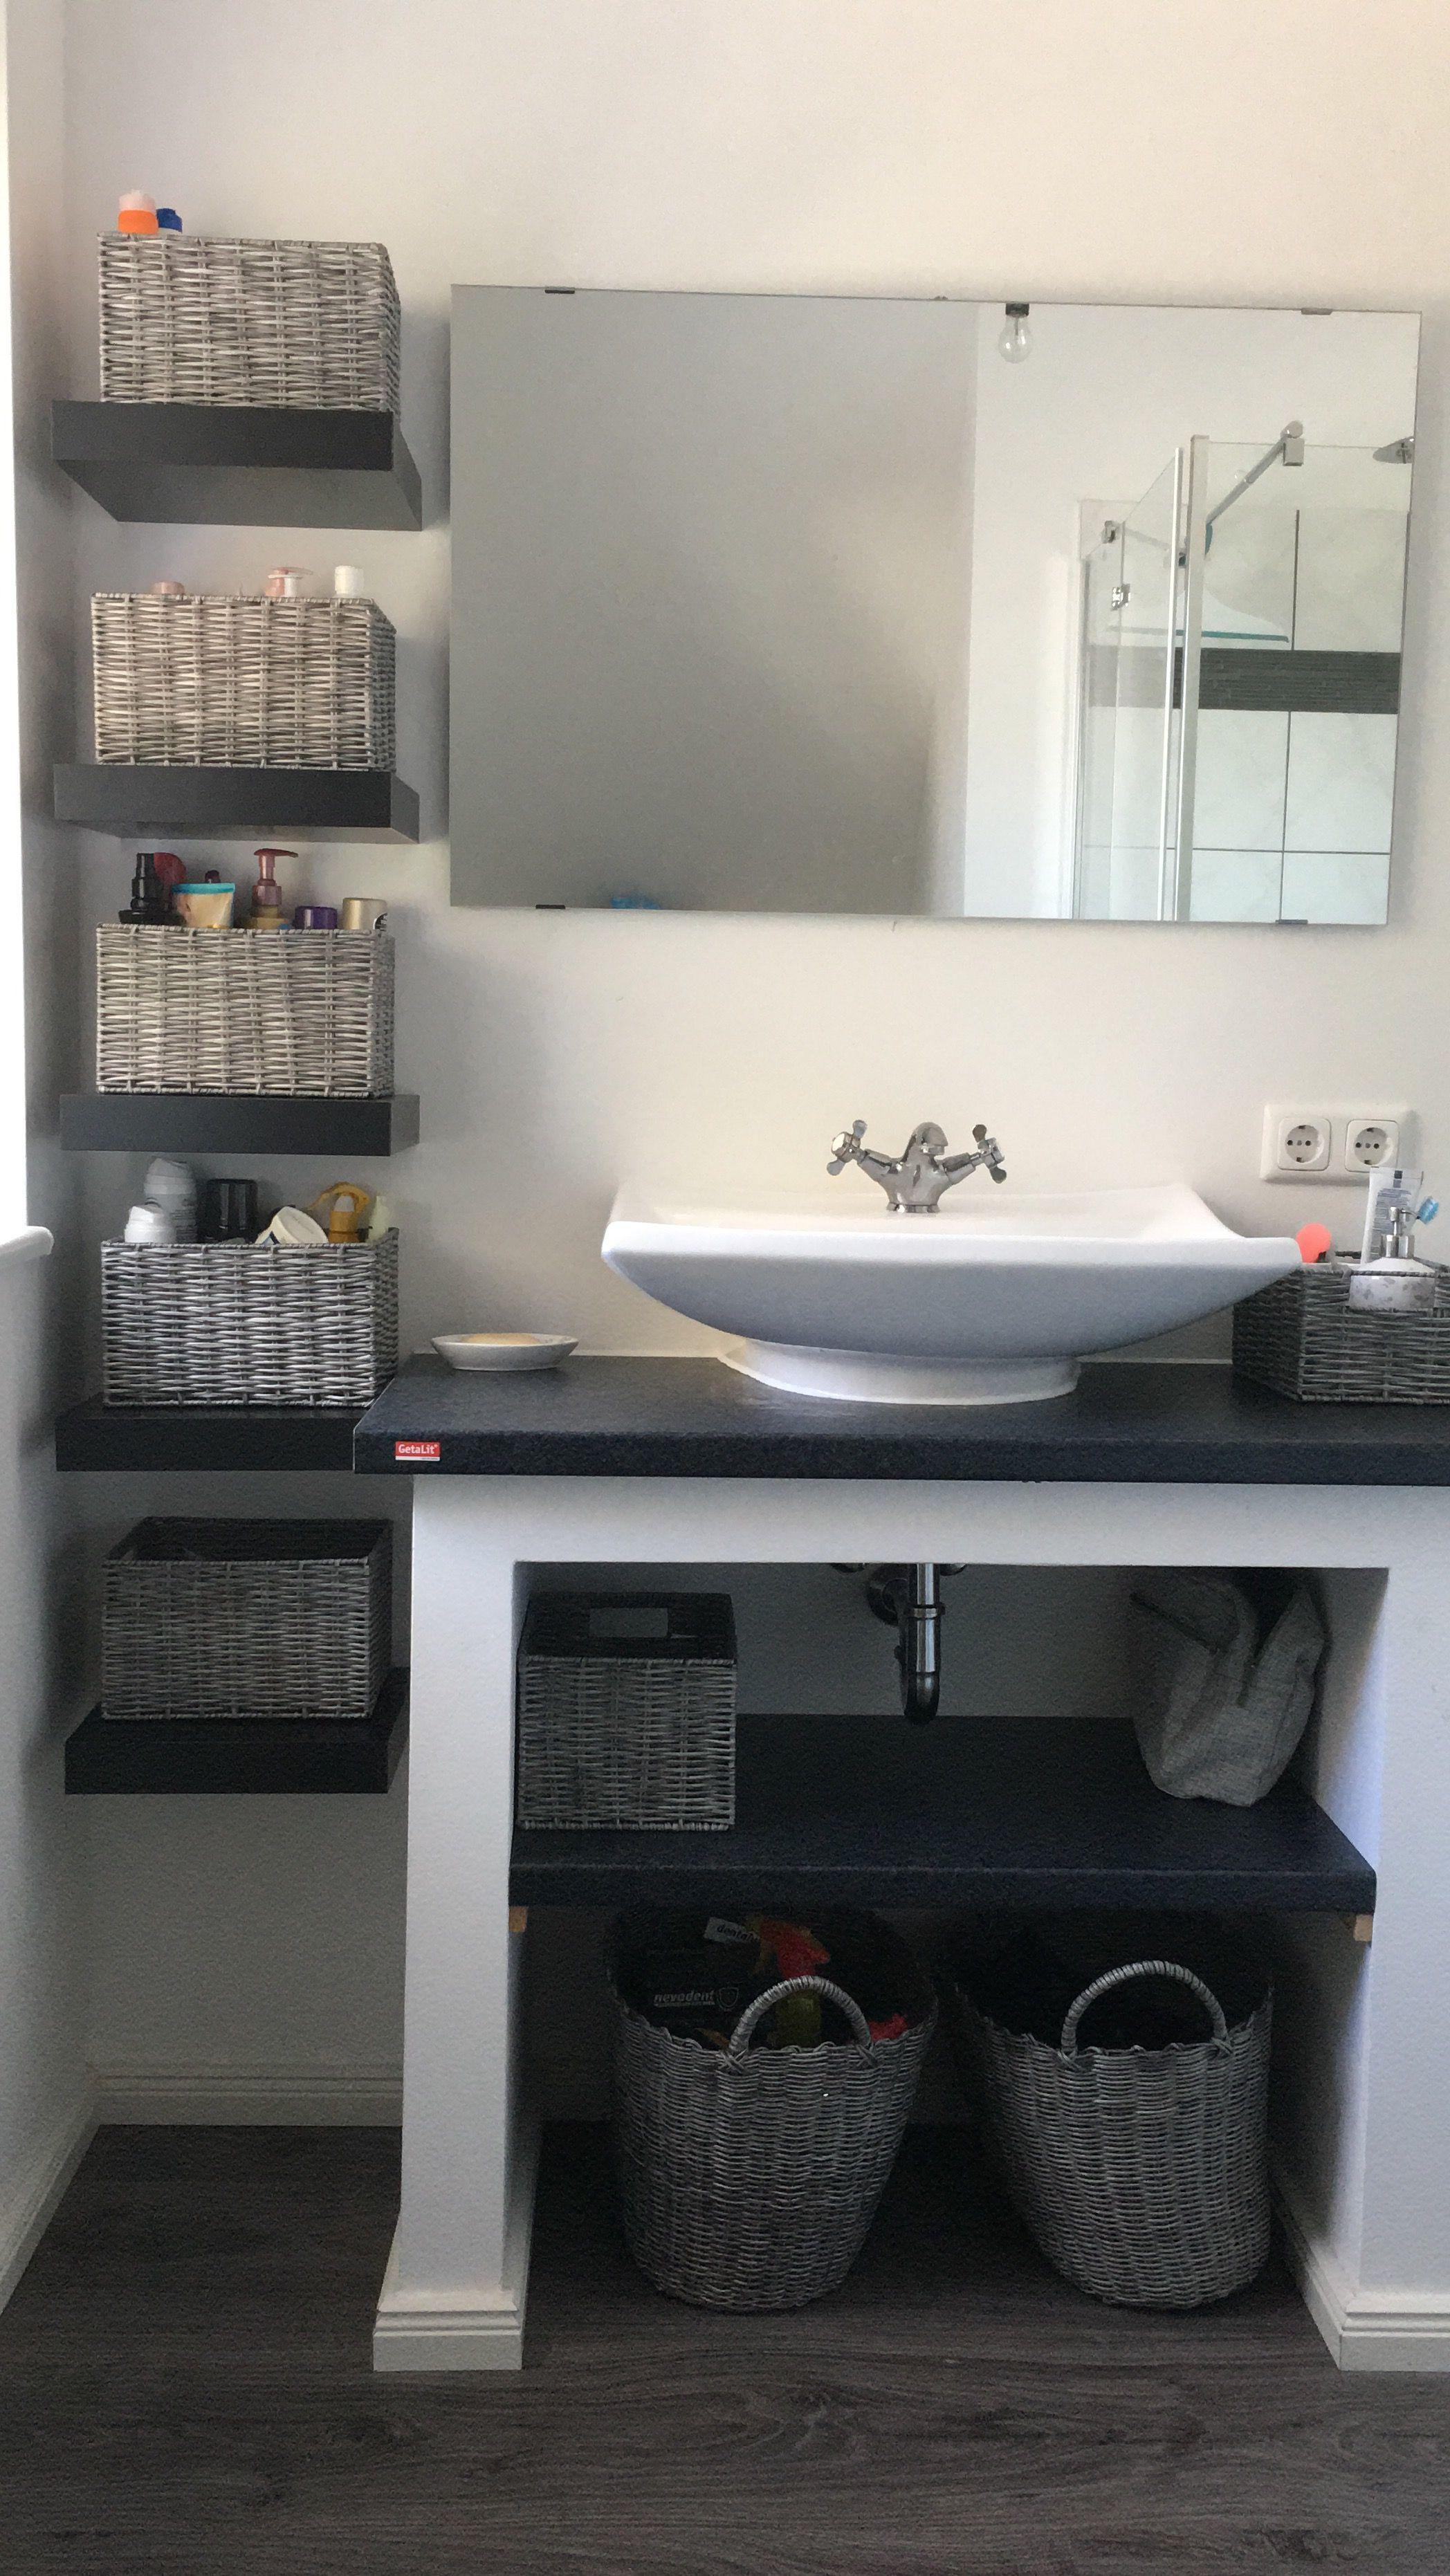 Étagère de salle de bain maison.